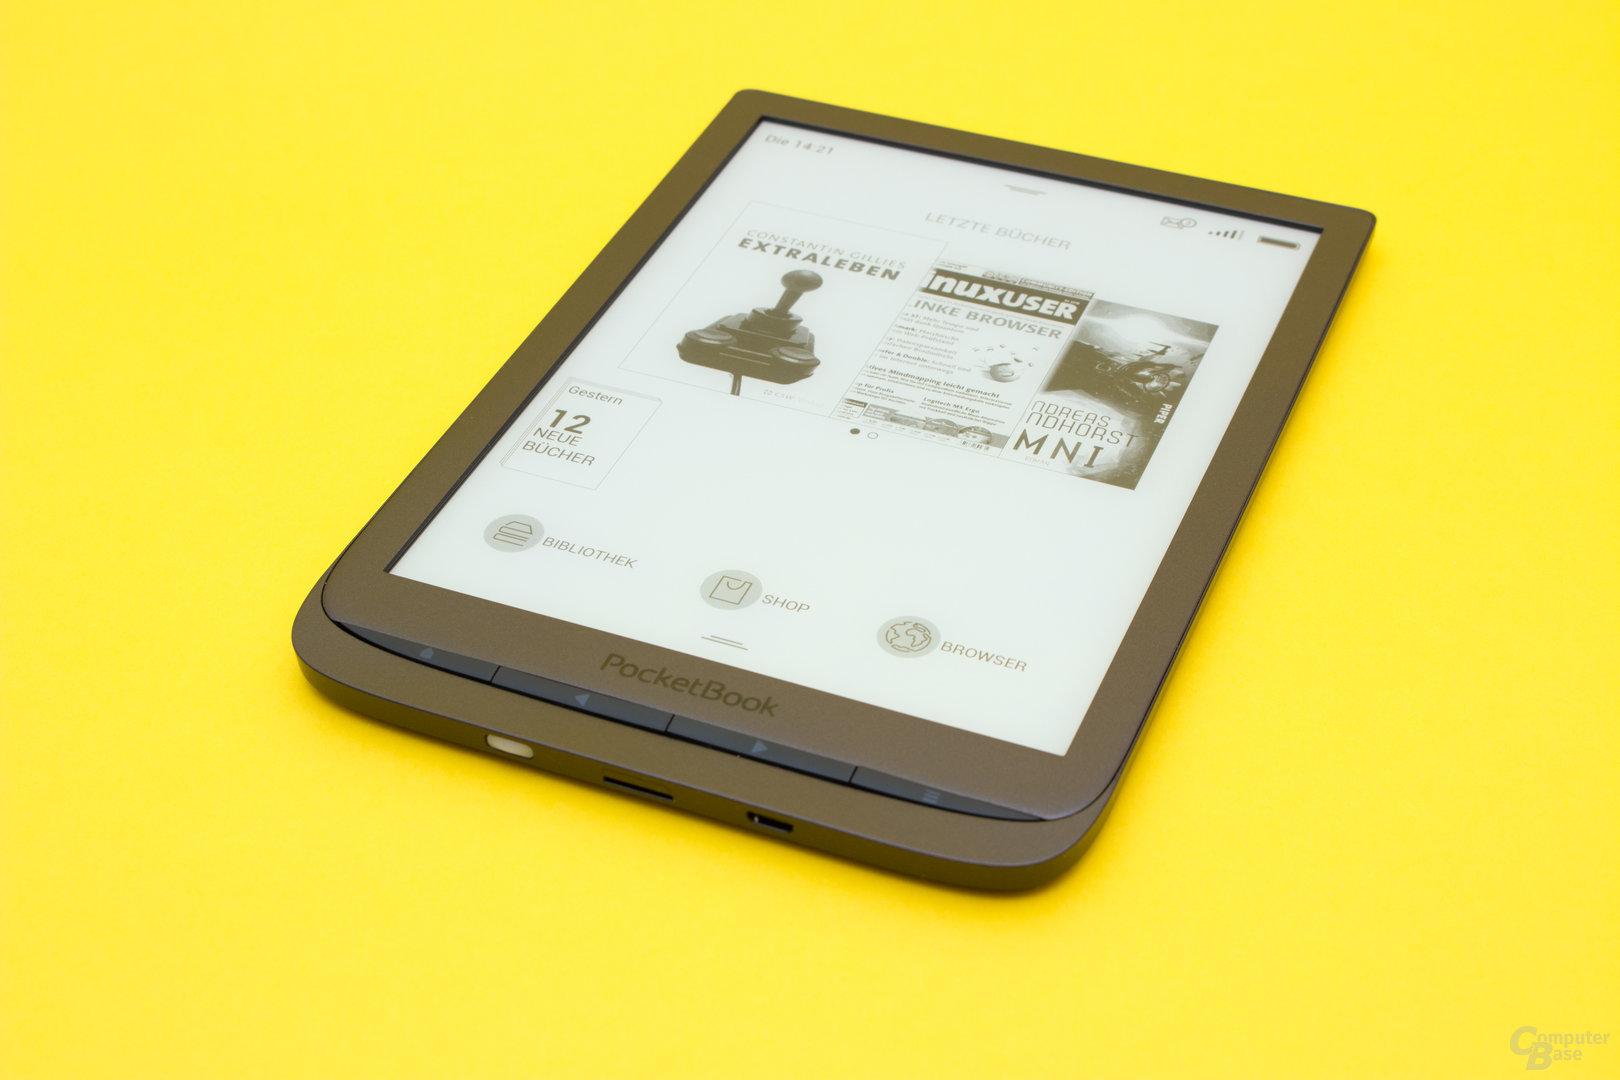 Die Homescreen des PocketBook InkPad 3